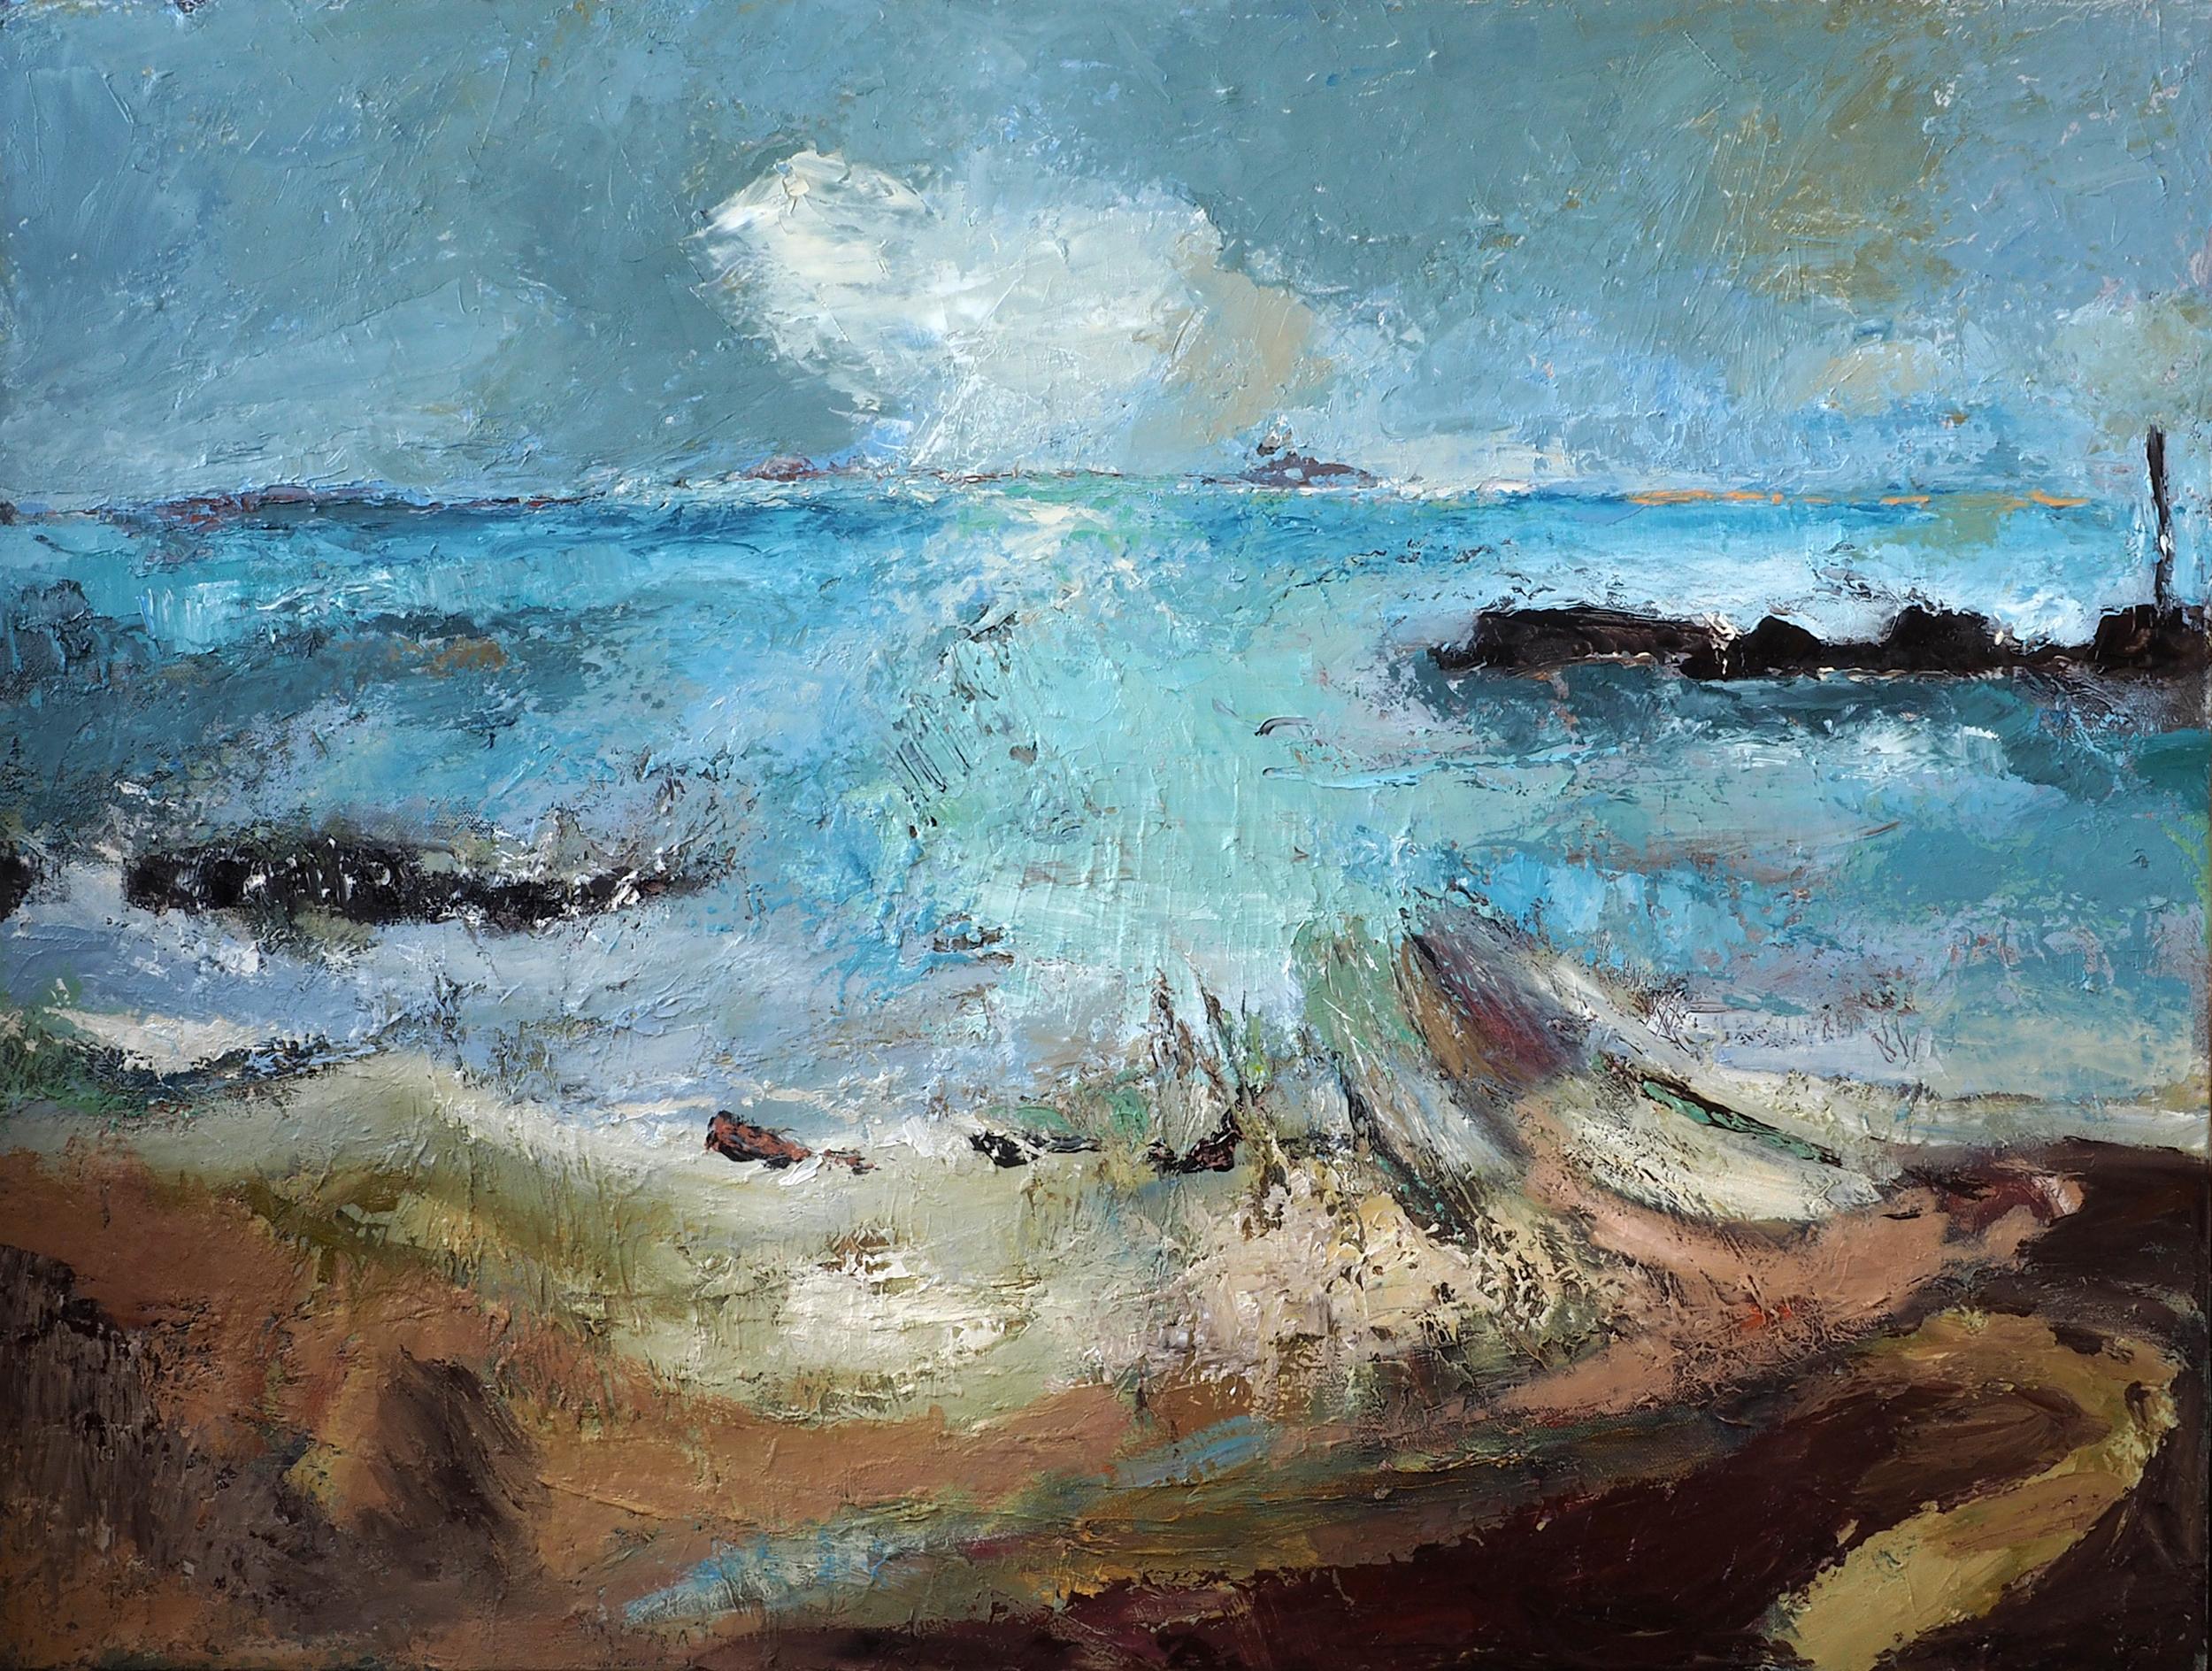 Derrycreigh,  Oil on canvas, 60cm x 80cm  (Sold)